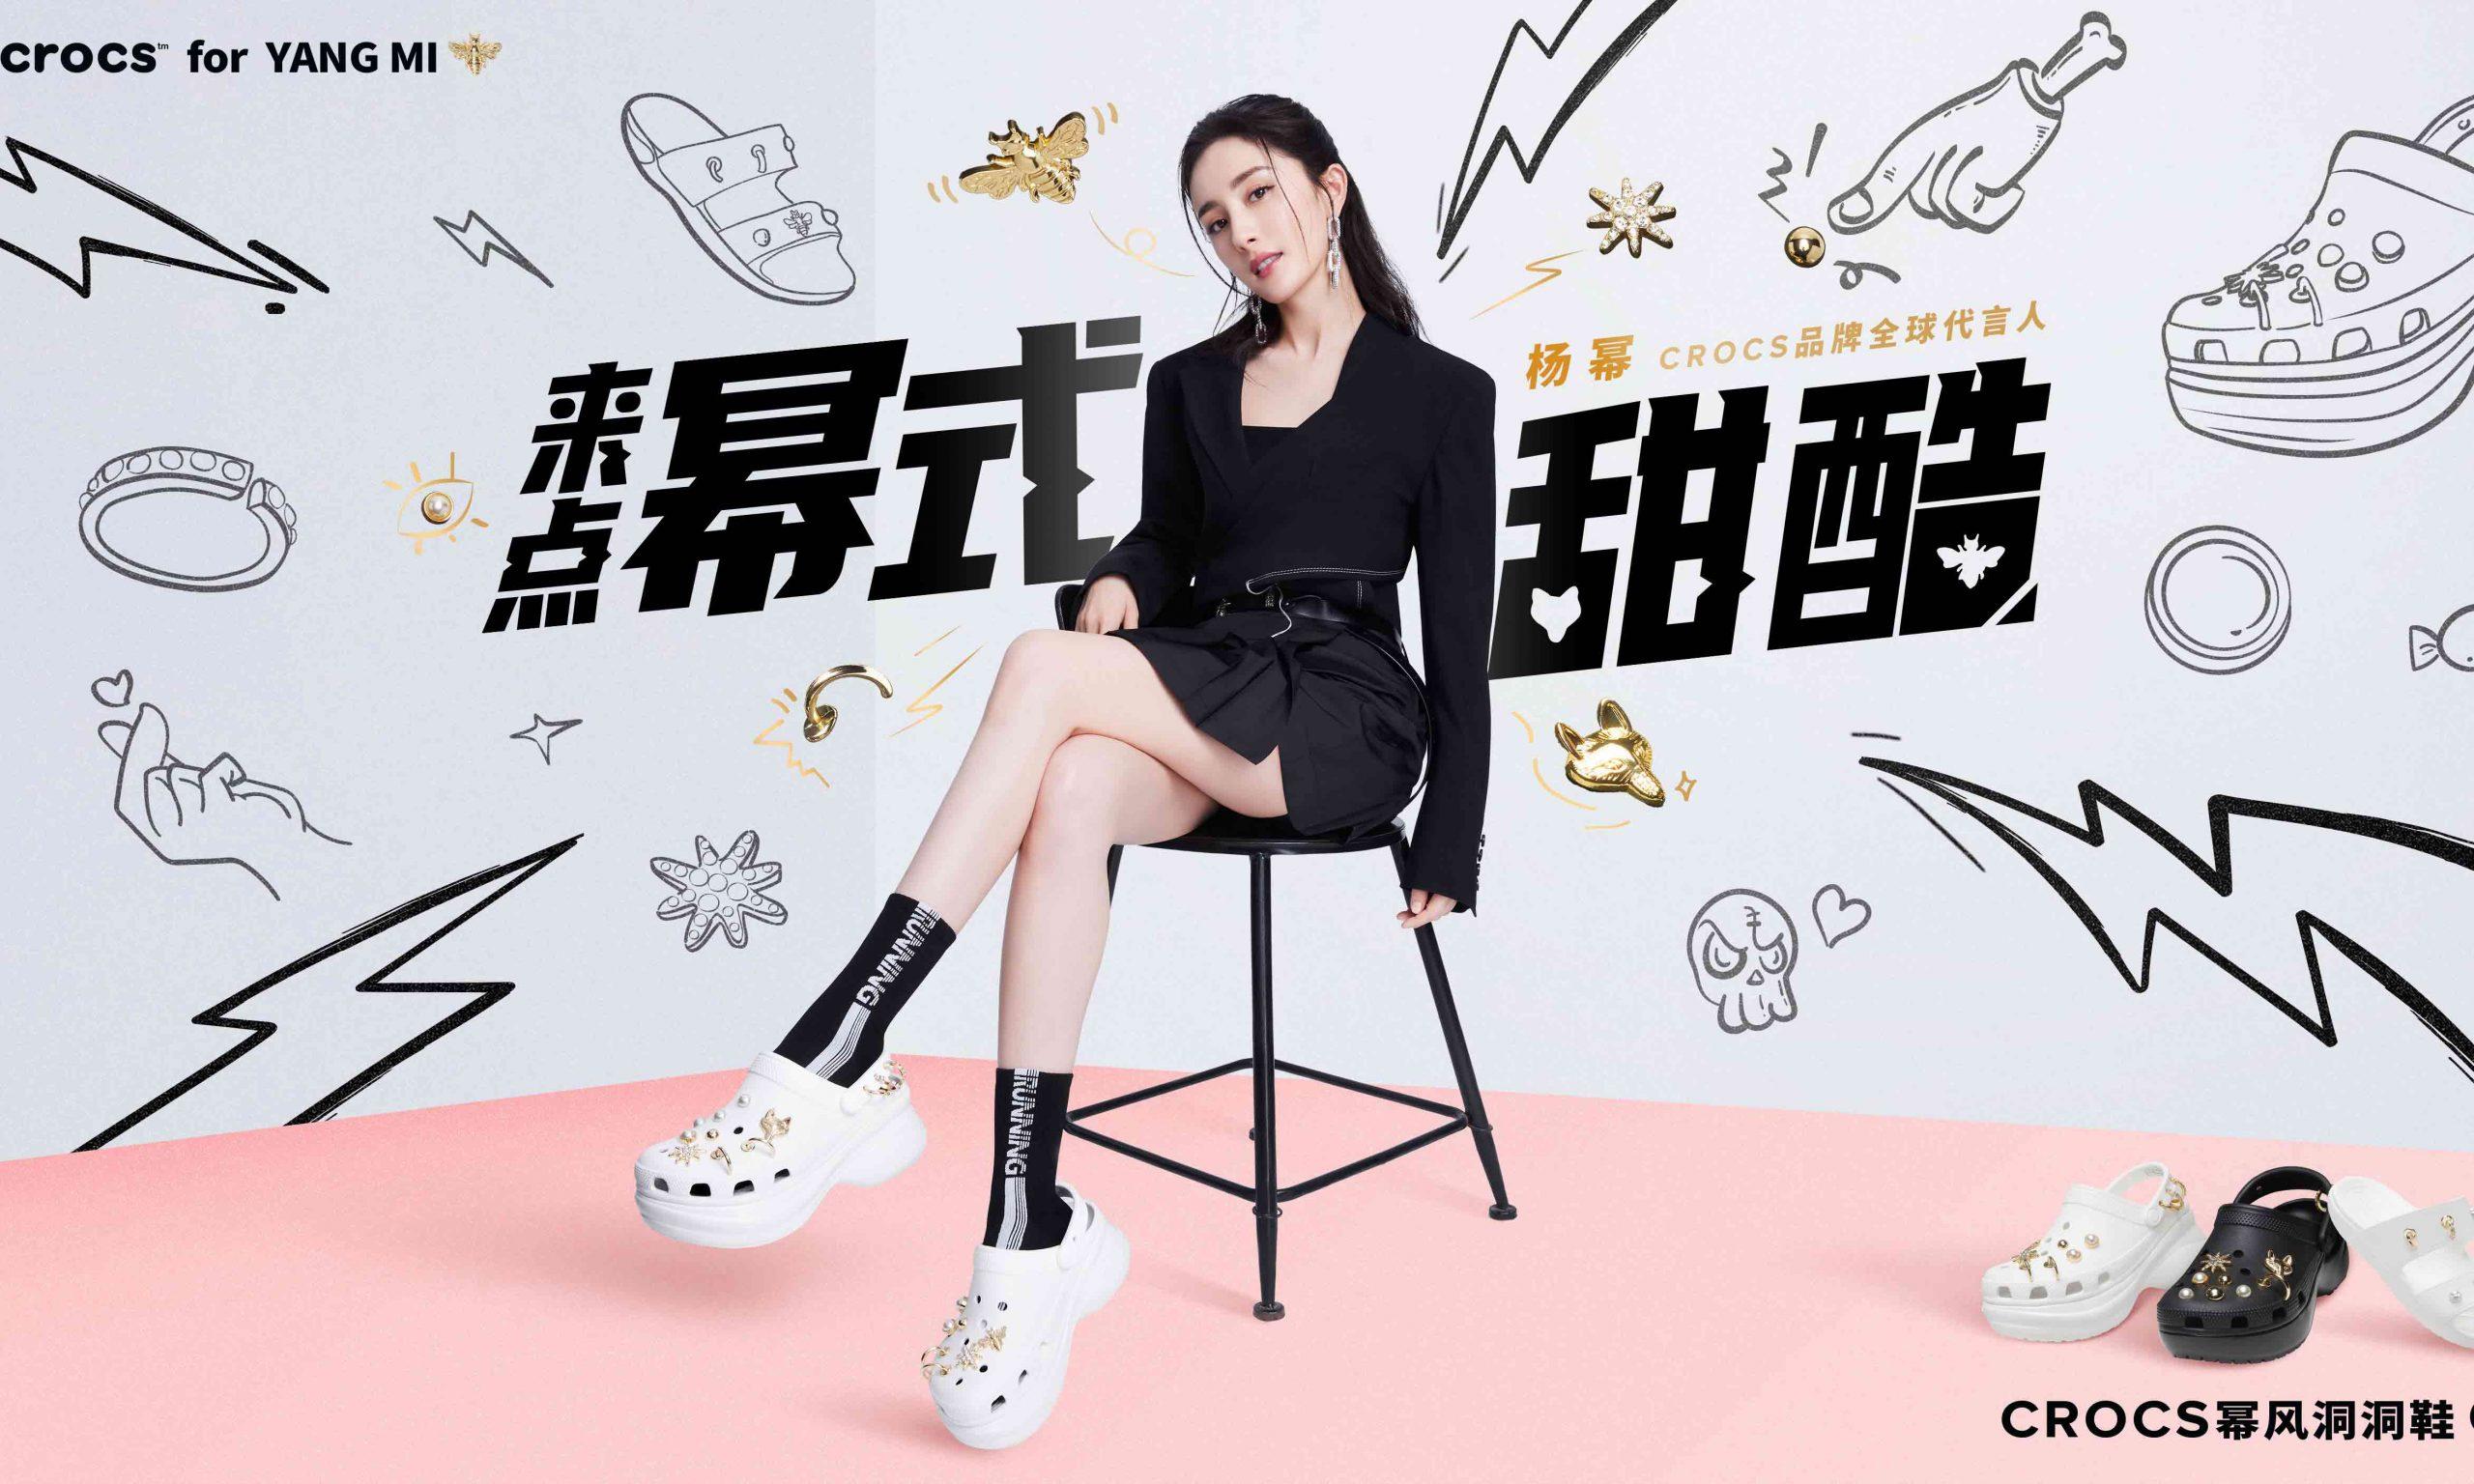 Crocs 为全球品牌代言人杨幂推出定制款「幂风洞洞鞋」